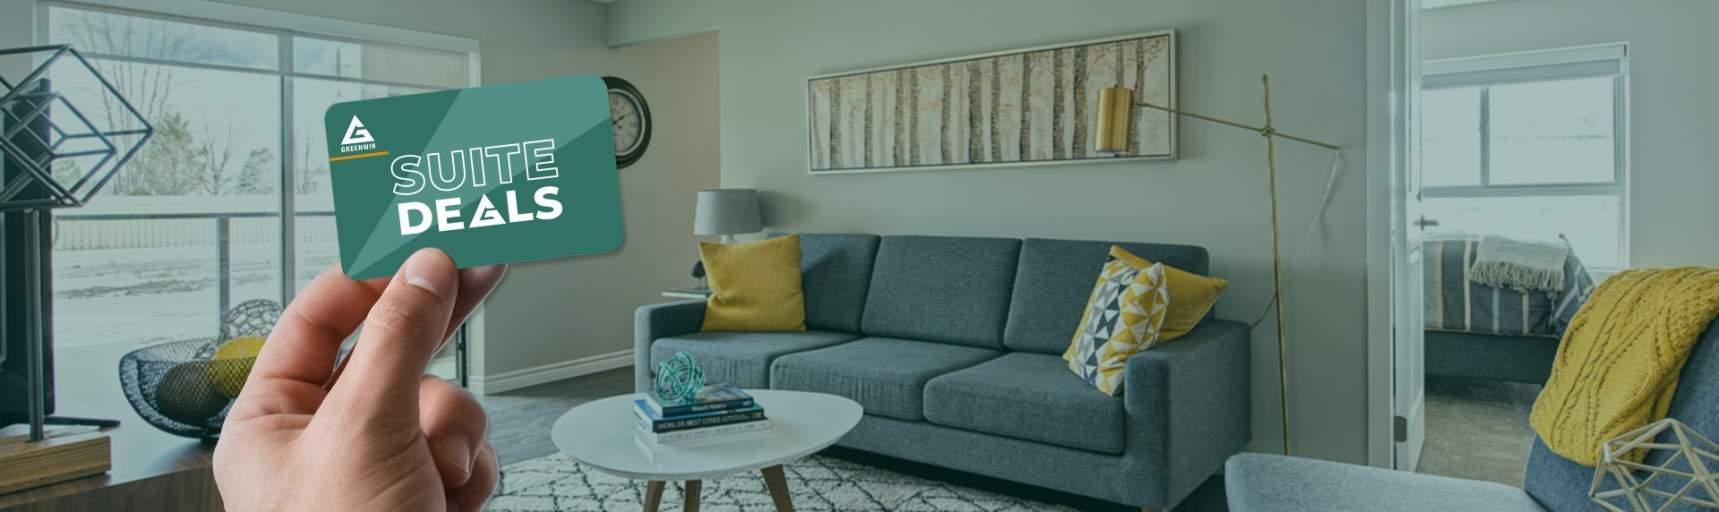 Suite Deals Image